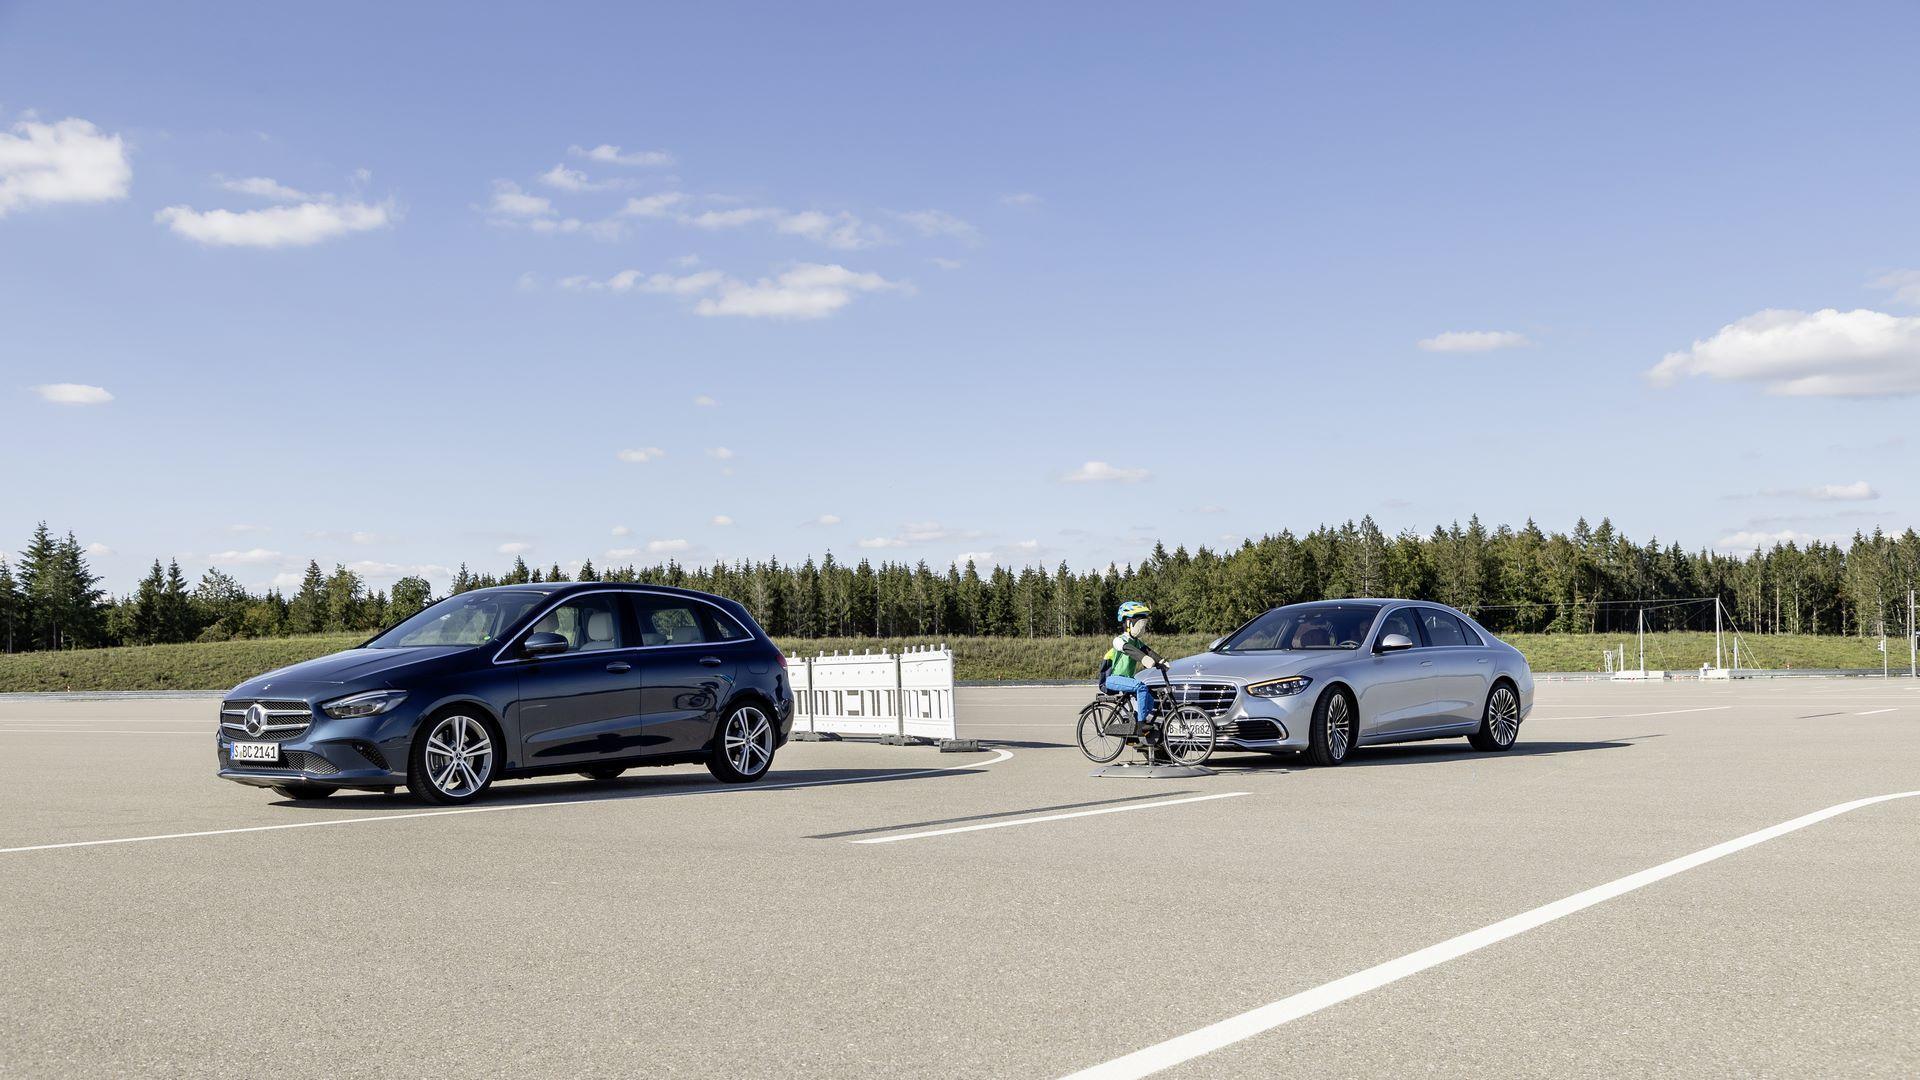 Mercedes-Benz S-Klasse, V 223, 2020 // Mercedes-Benz S-Class, V 223, 2020